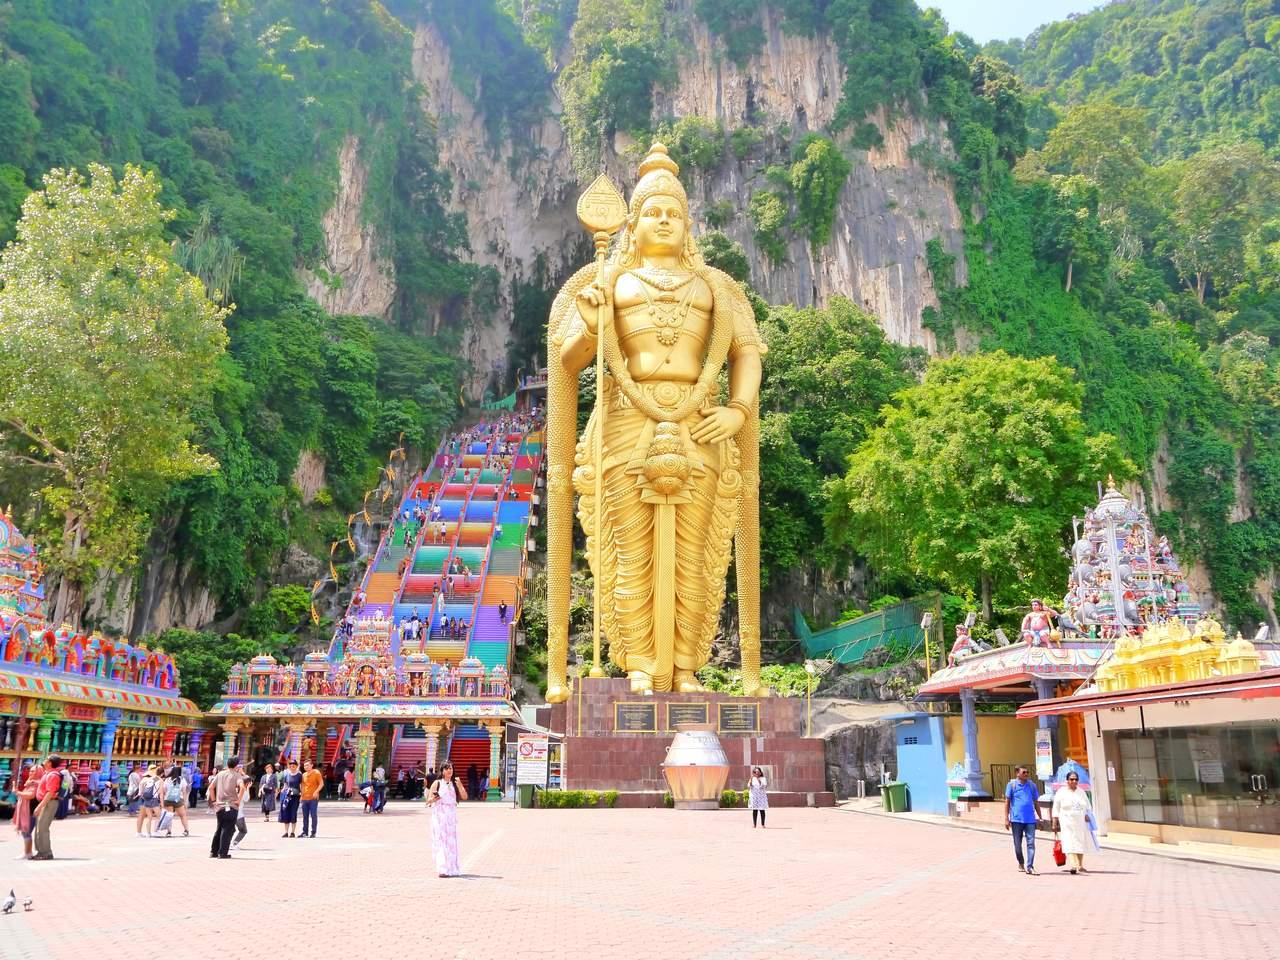 Kuala Lumpur Batu Caves Lord Murugan Statue